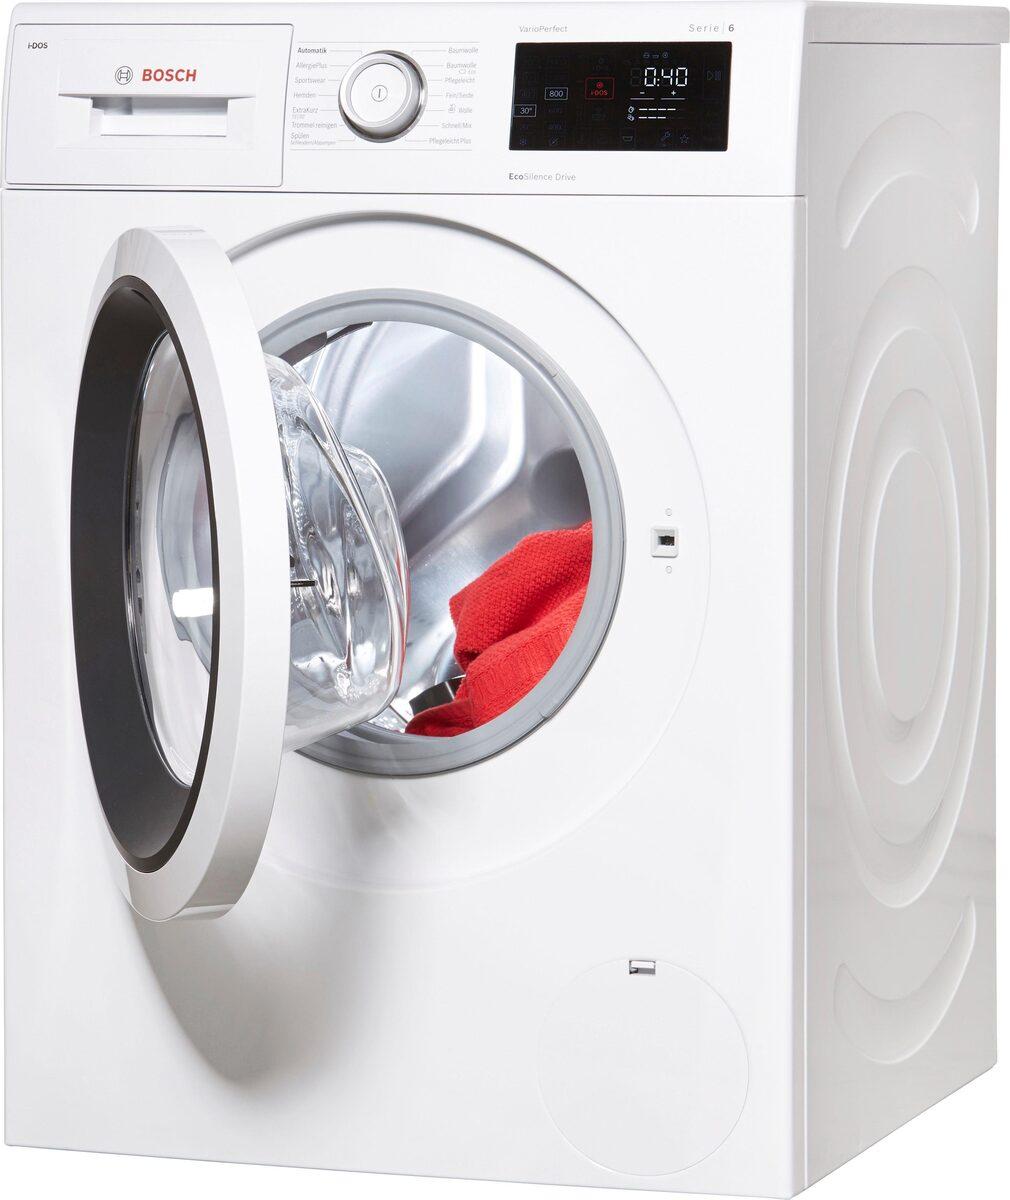 Bild 2 von BOSCH Waschmaschine Serie 6 WAT286V0, 8 kg, 1400 U/Min, i-Dos Dosierautomatik